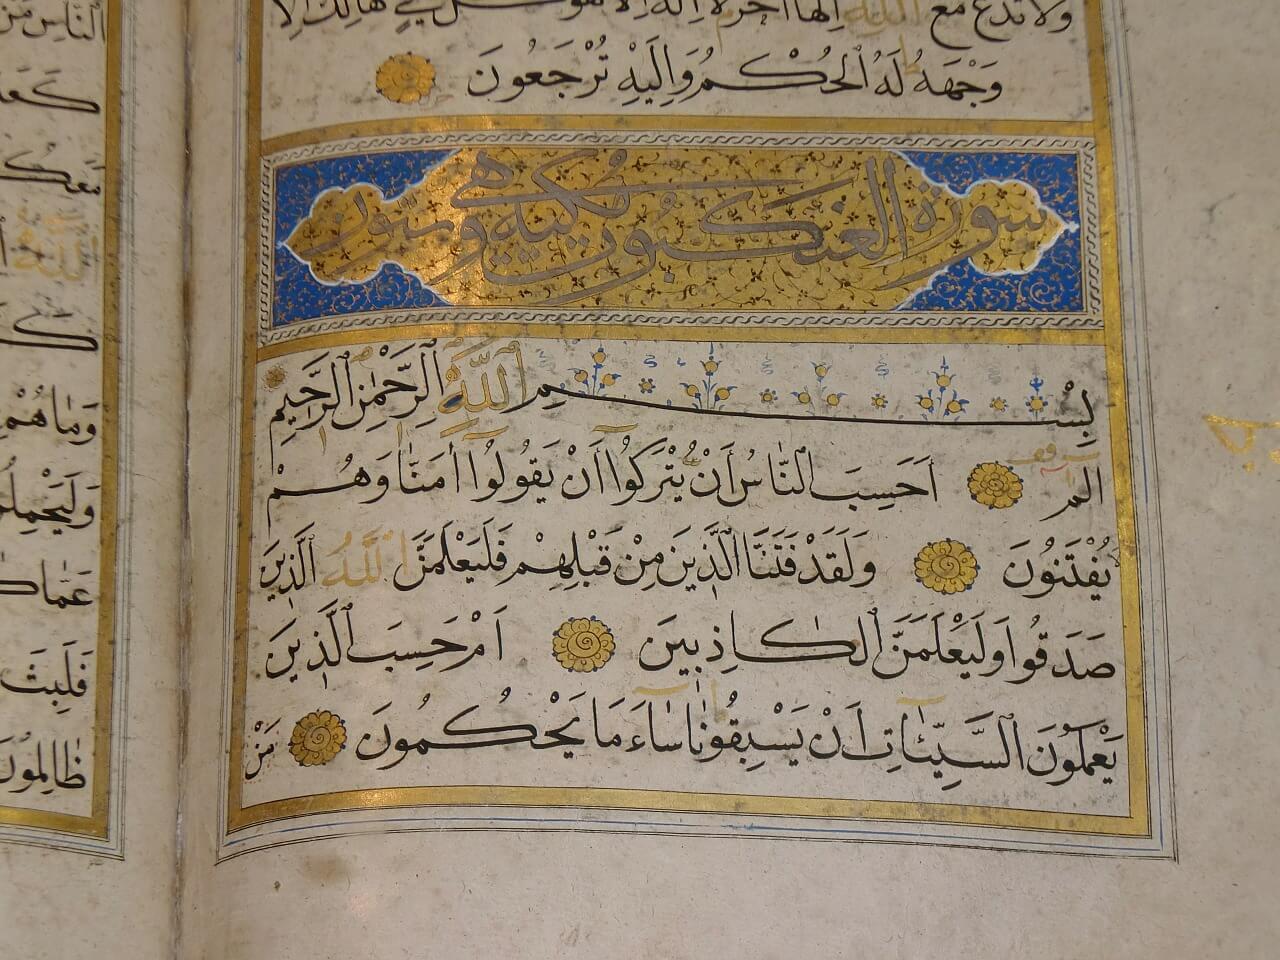 Fragmento del libro sagrado